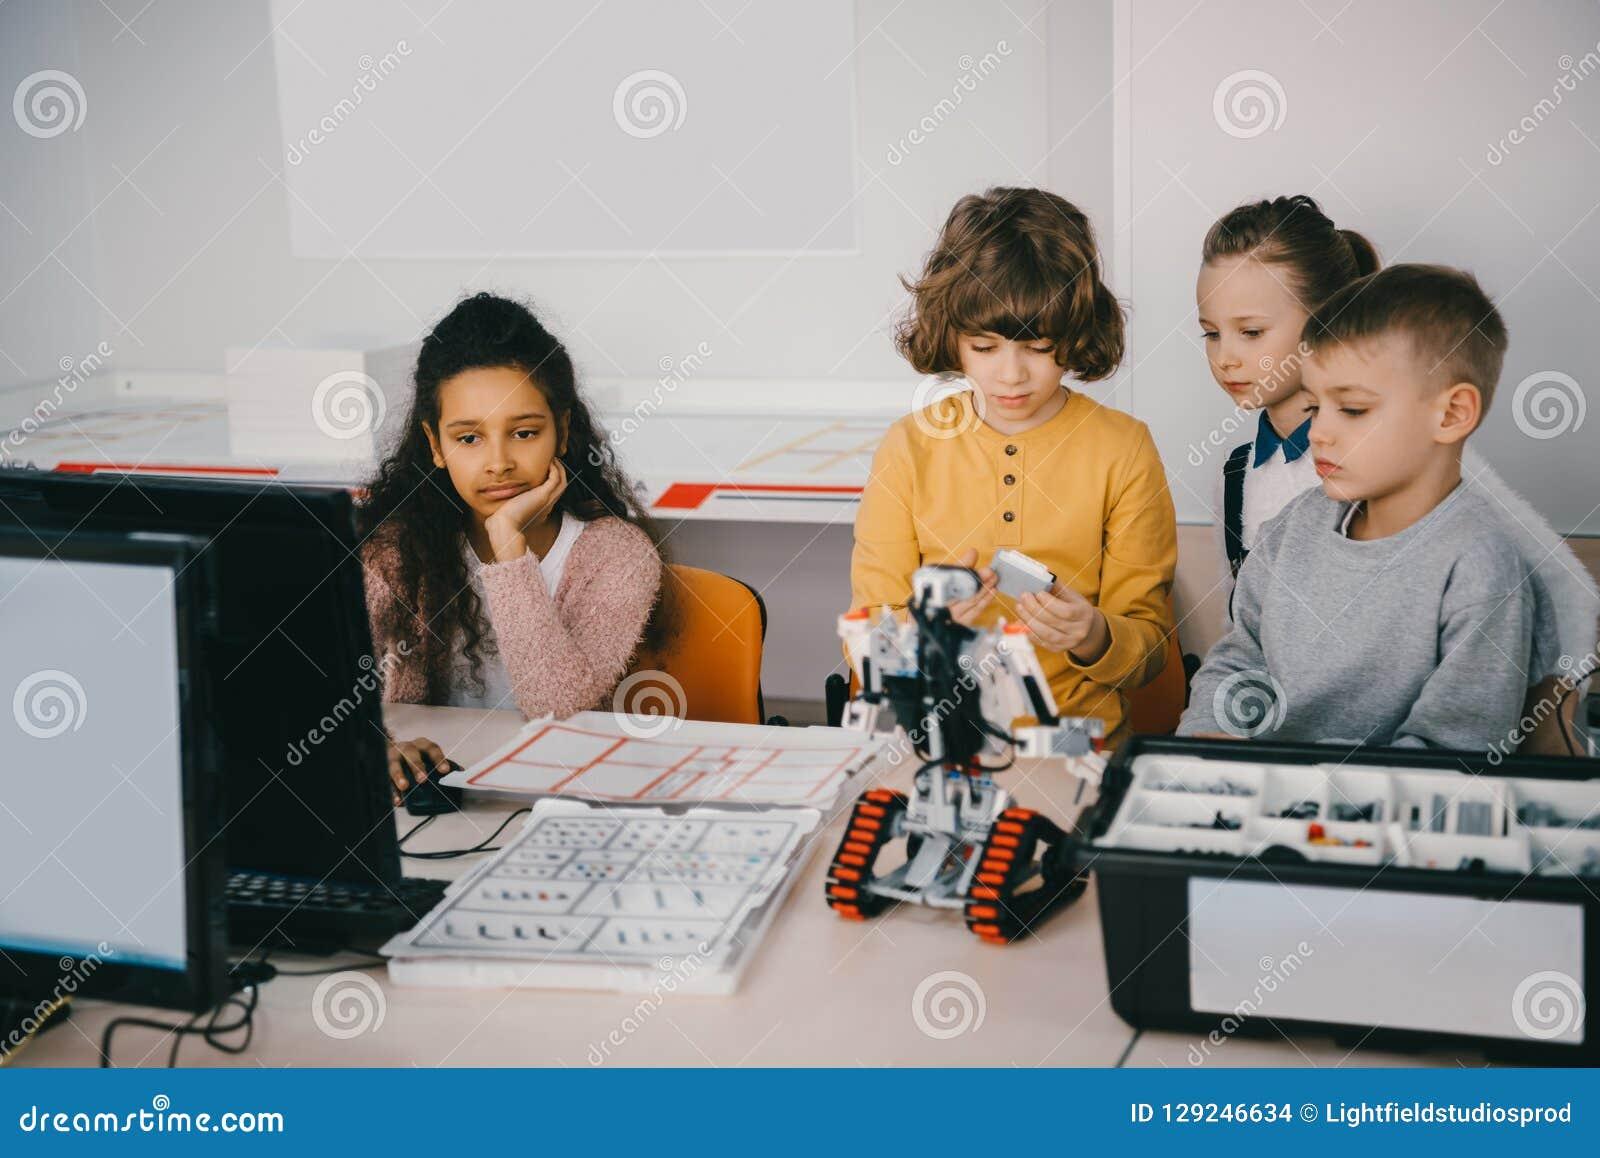 Geconcentreerde tienerjonge geitjes die diy robot construeren